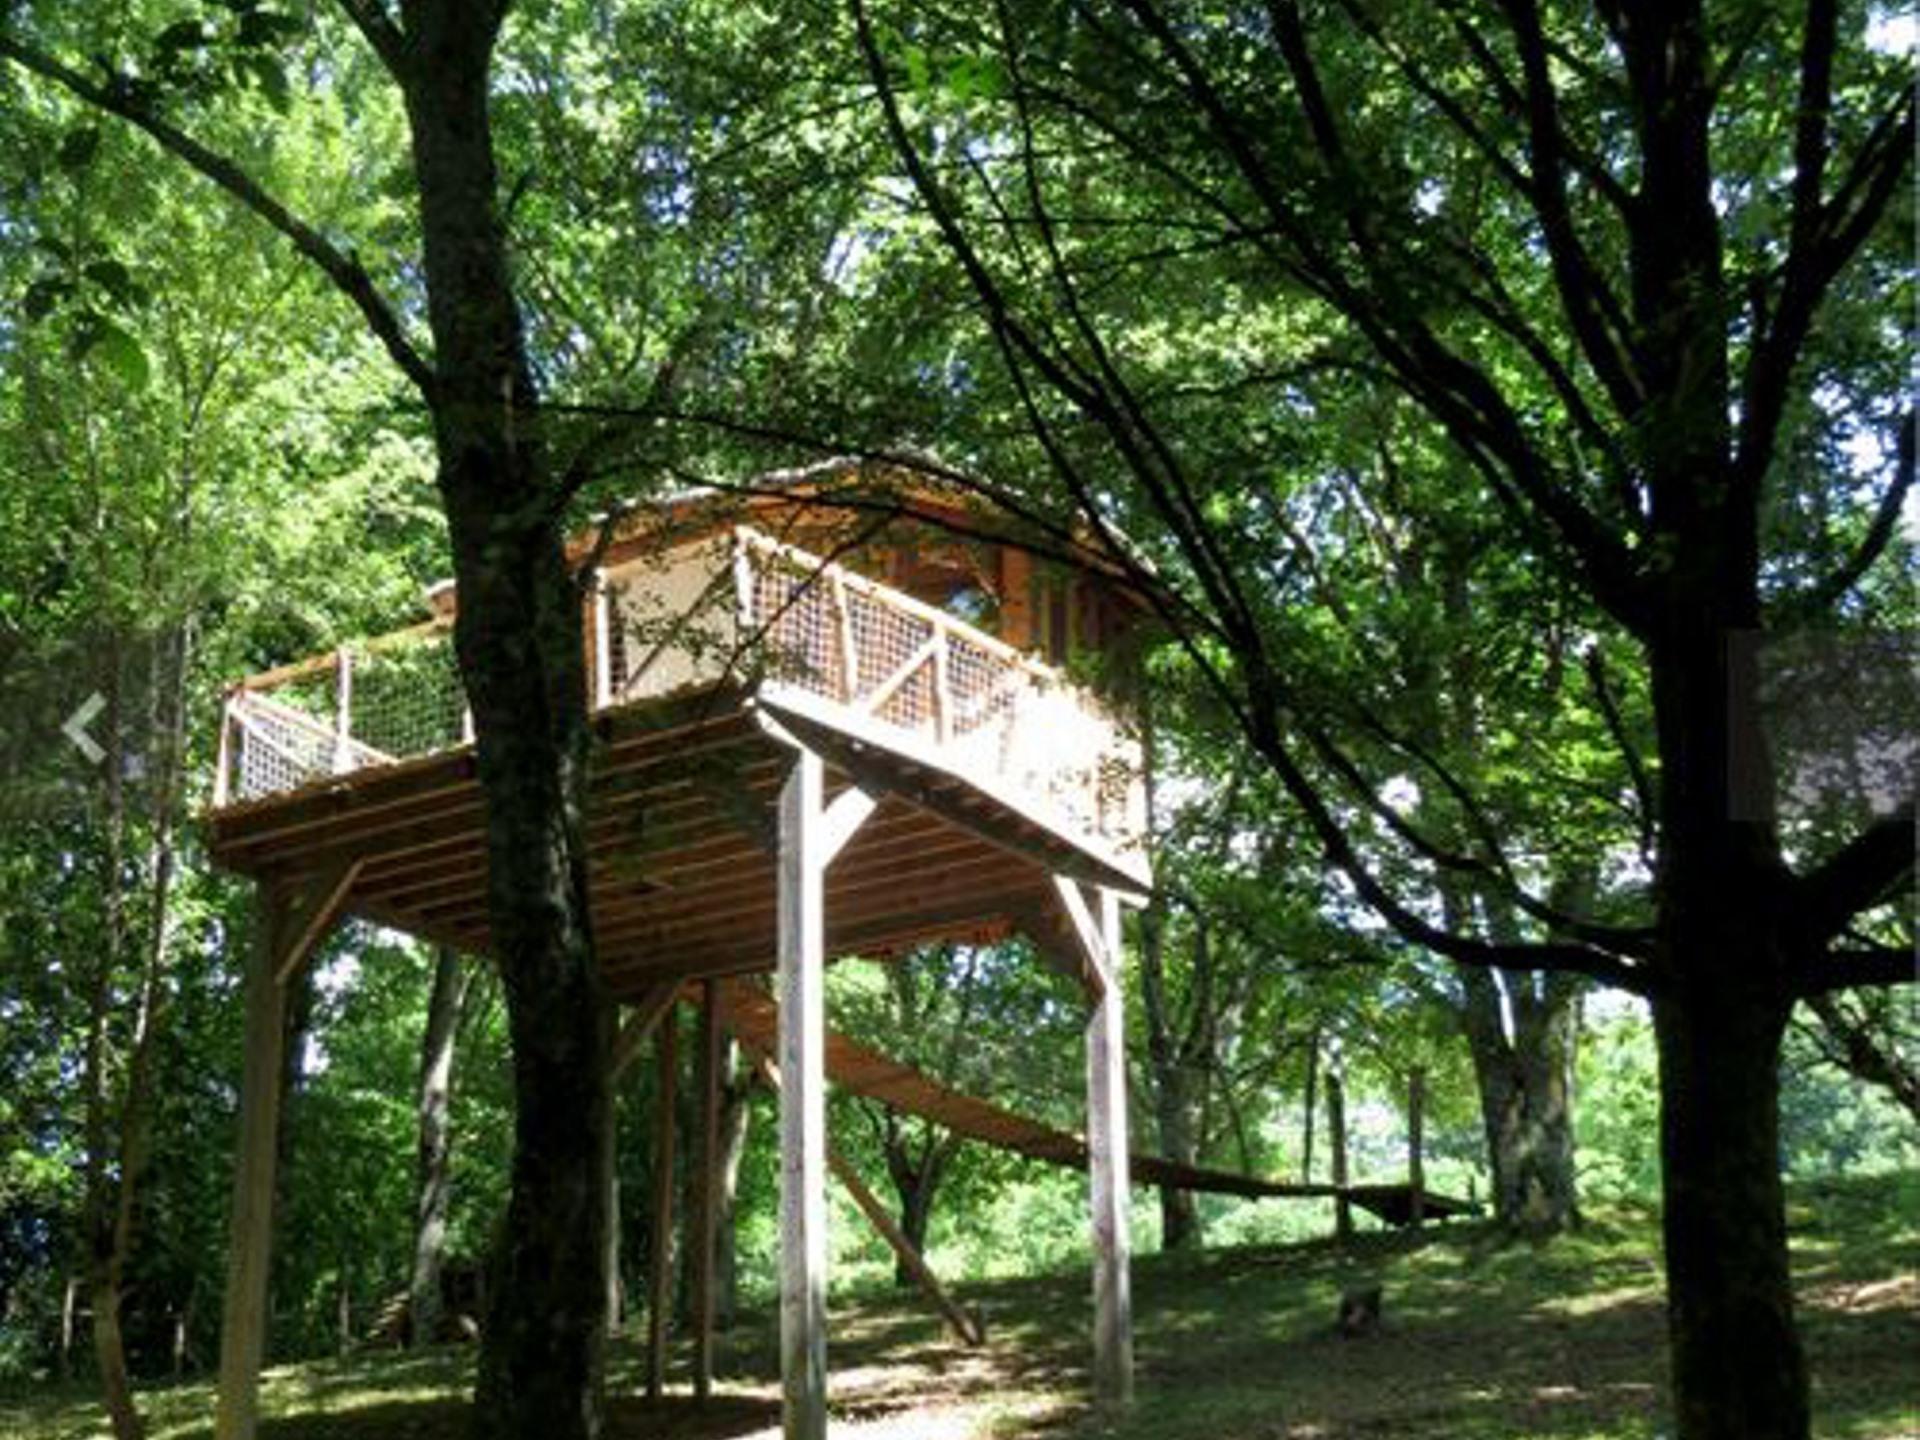 Cabane-Romantique-Salle de bain et douche-Vue sur la campagne-Dans les arbres  - Tarif de base